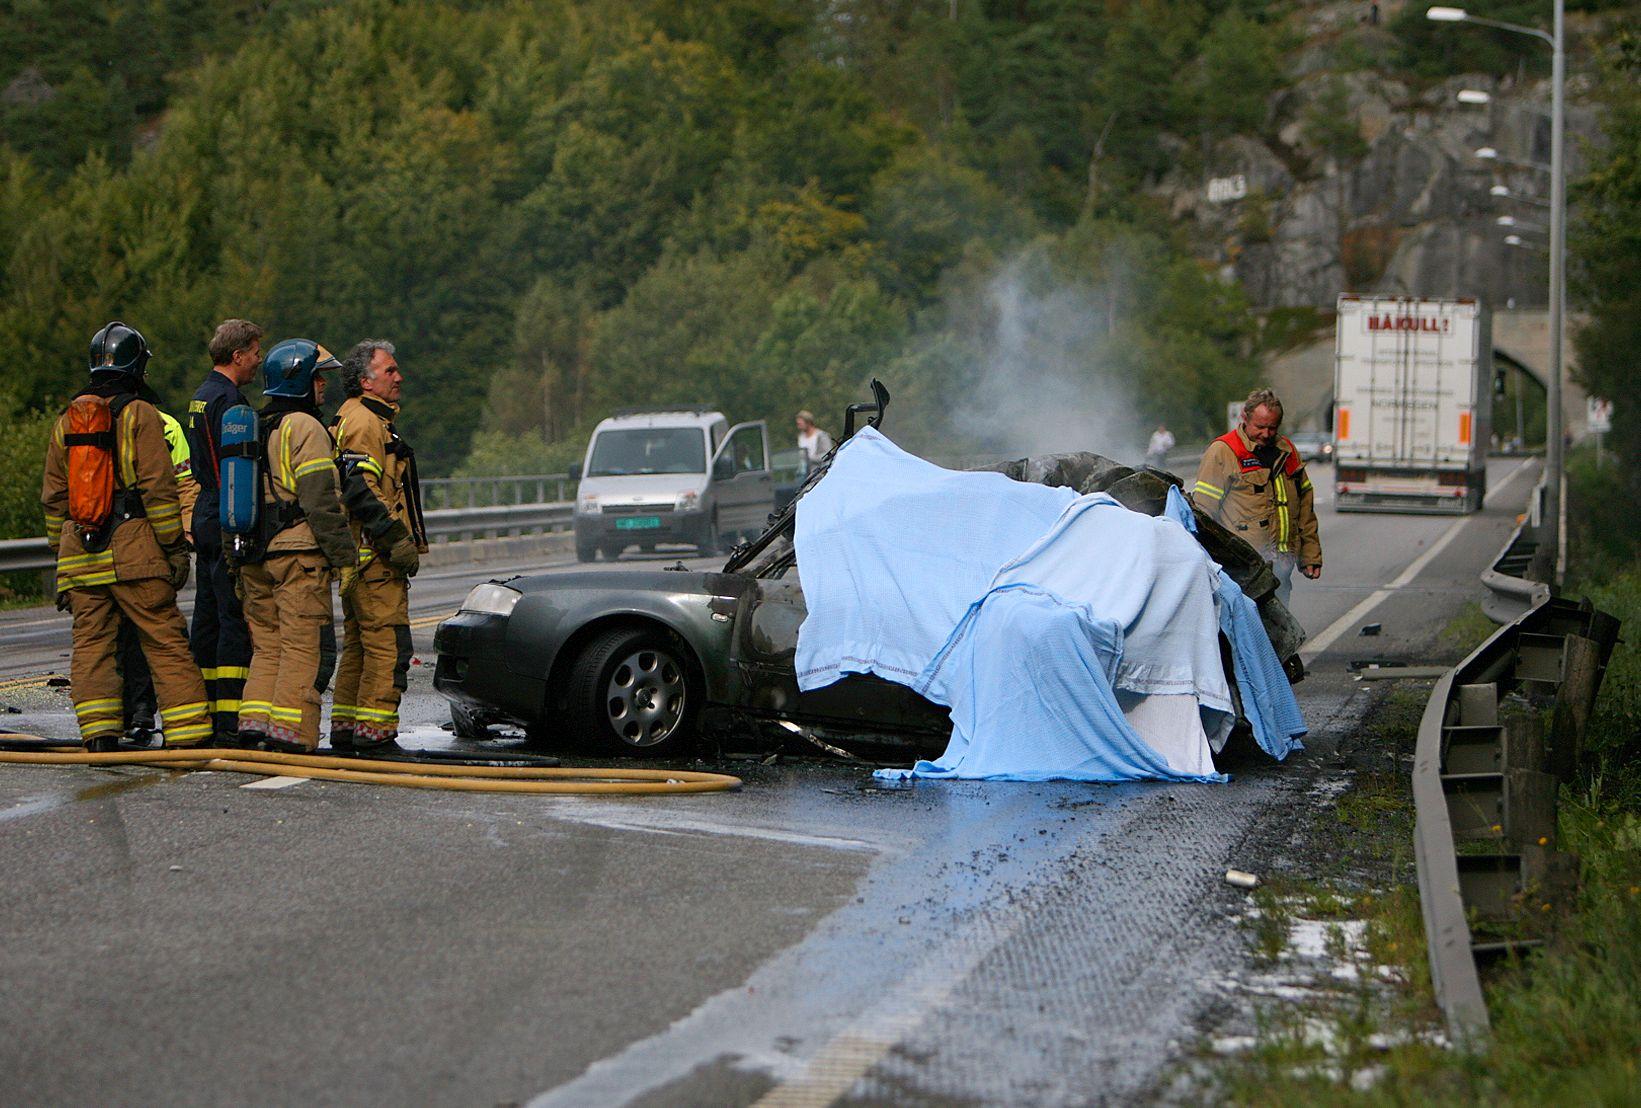 ULYKKER: I over fire av ti dødsulykker (43 prosent) har førerudyktighet vært en medvirkende faktor til ulykken, mens høy fart har vært en sannsynlig medvirkende faktor i 31 prosent av ulykkene. Det viser tall fra Statens vegvesen.